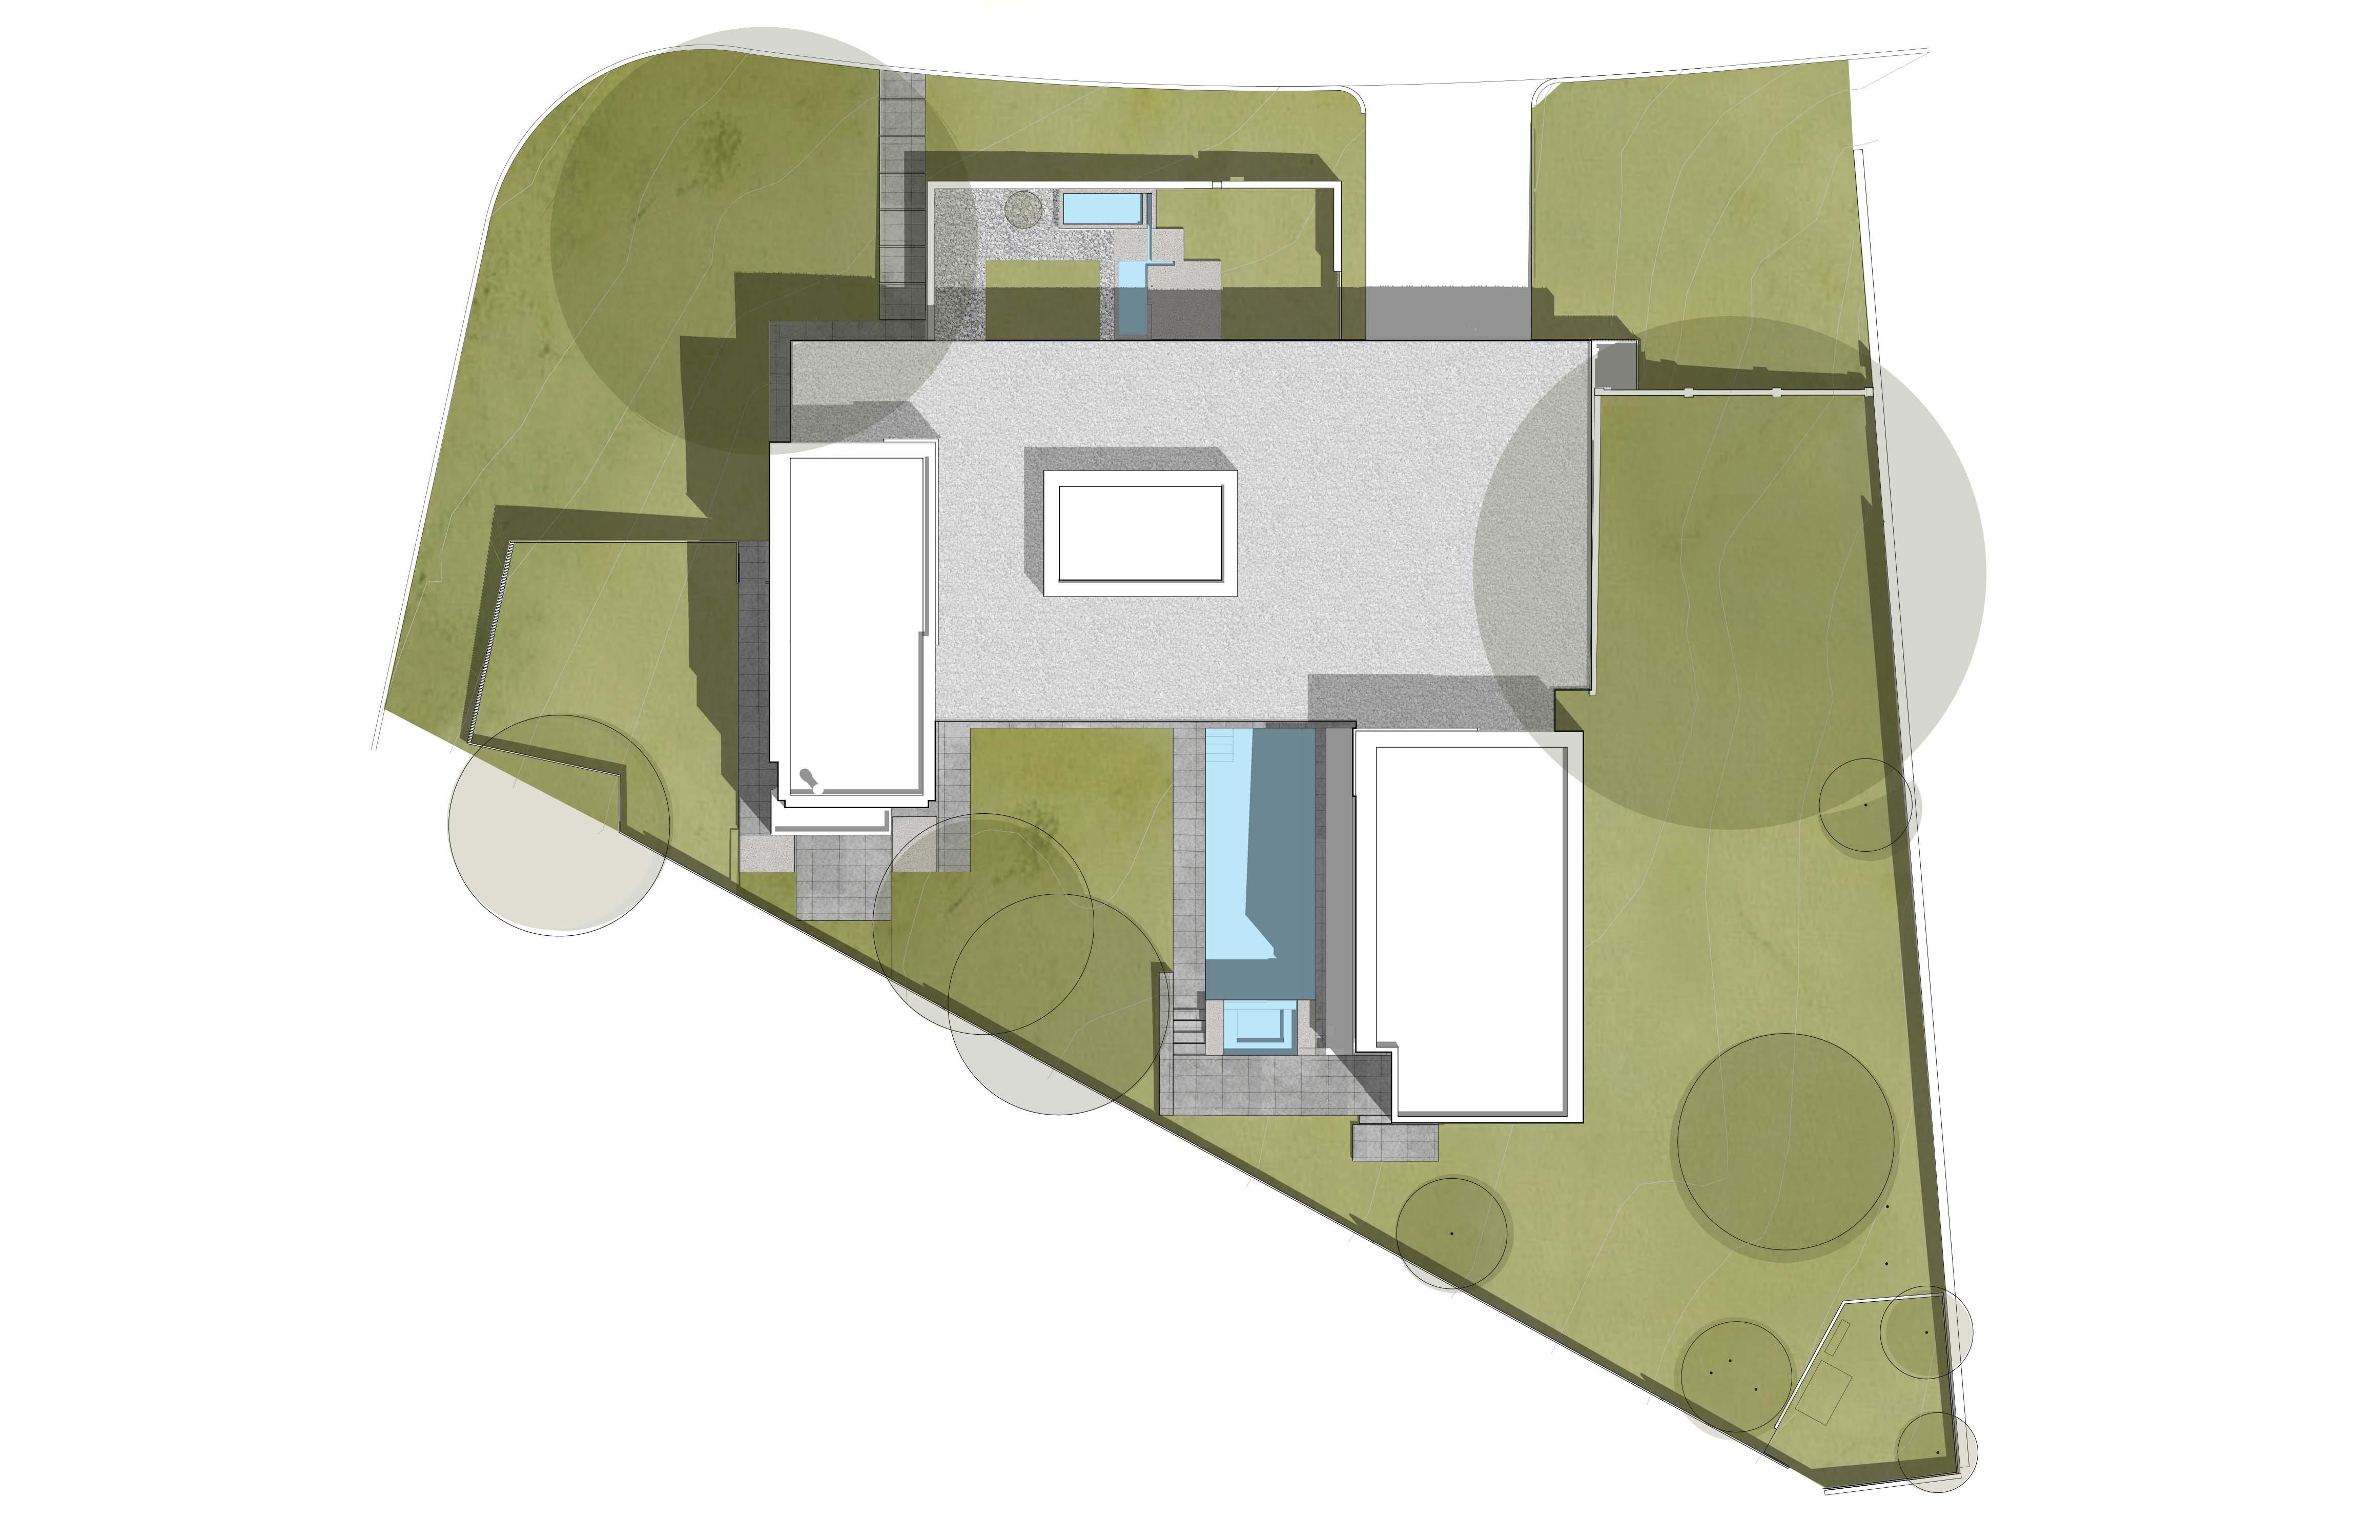 Site Plan Alterstudio Architecture}